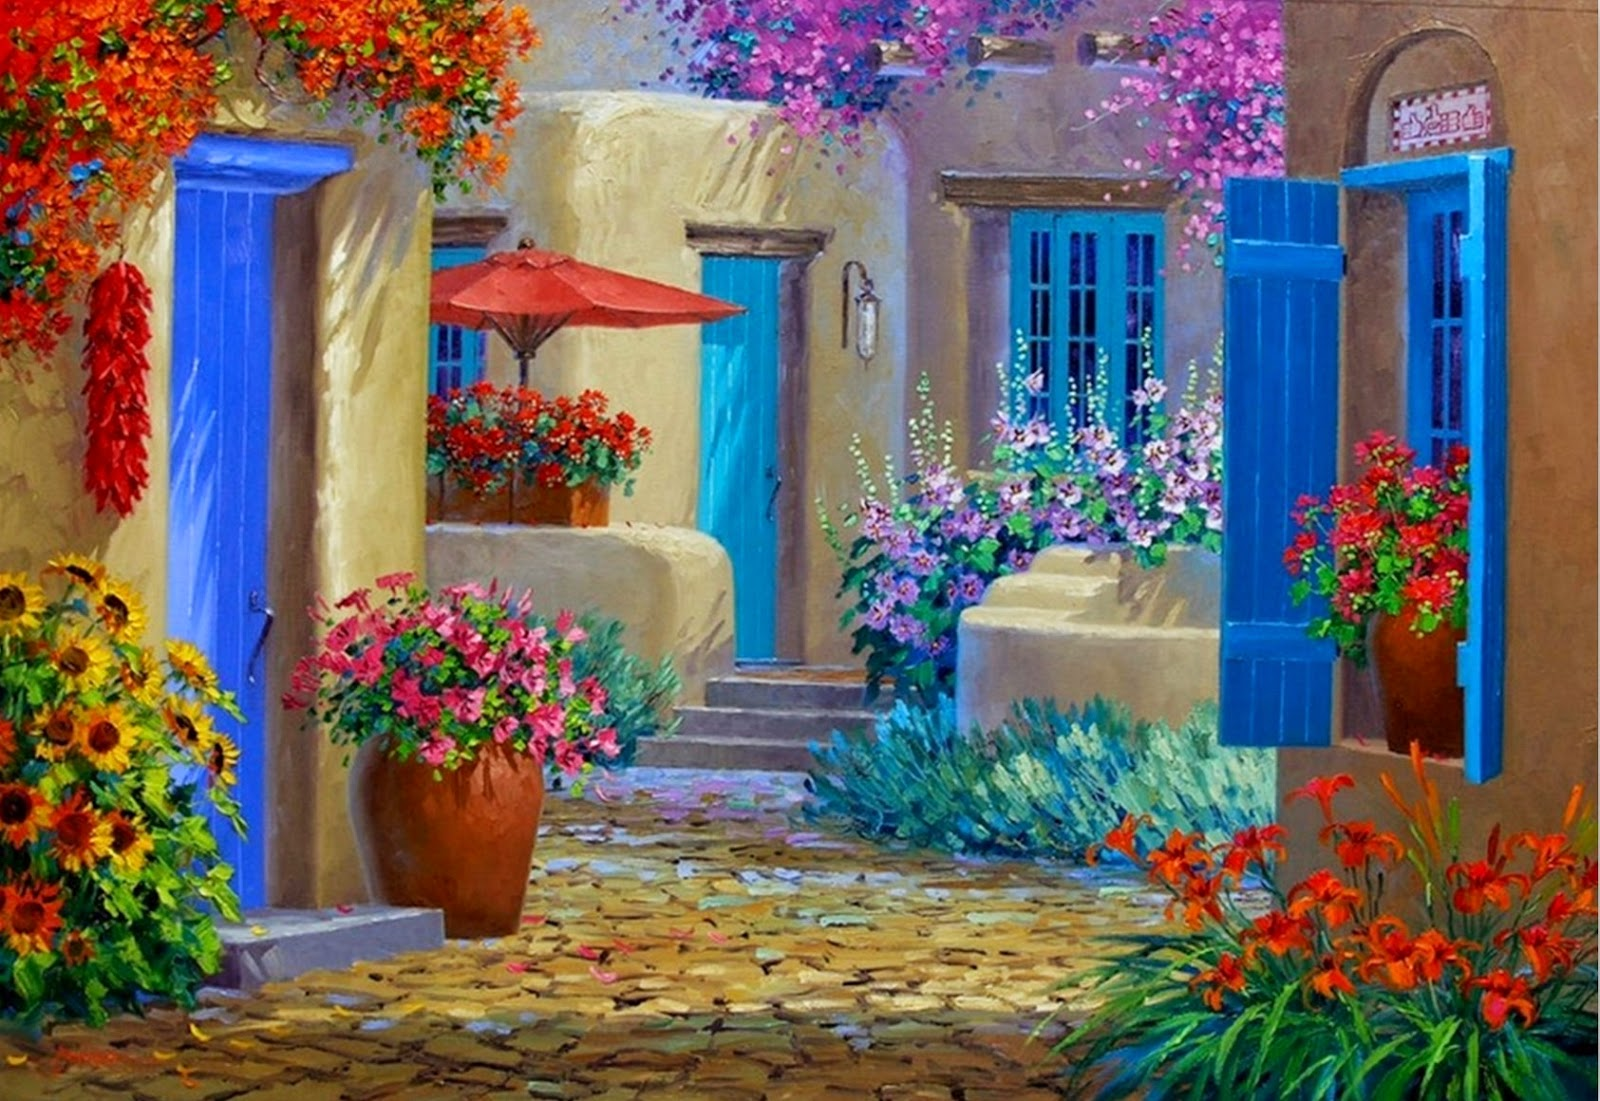 Pintura moderna y fotograf a art stica flores cuadros - Los cuadros mas bonitos ...